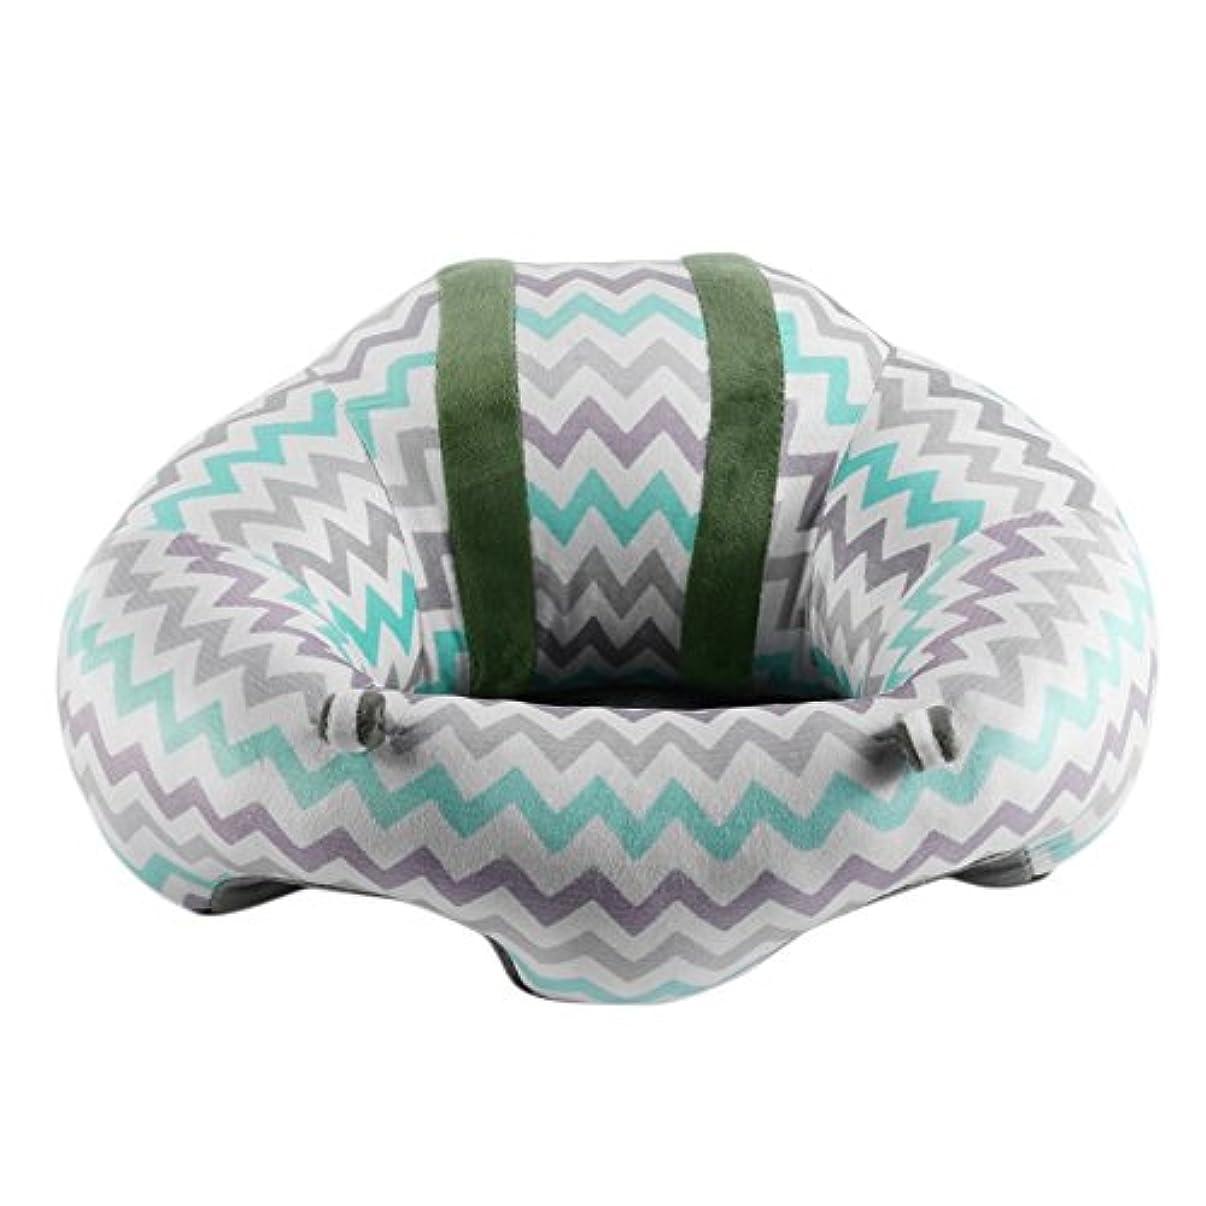 教科書勧告誰ポータブルサイズ快適な新生児幼児ベビーダイニングランチチェアシート安全コットン豪華な足送り椅子 - 混合色